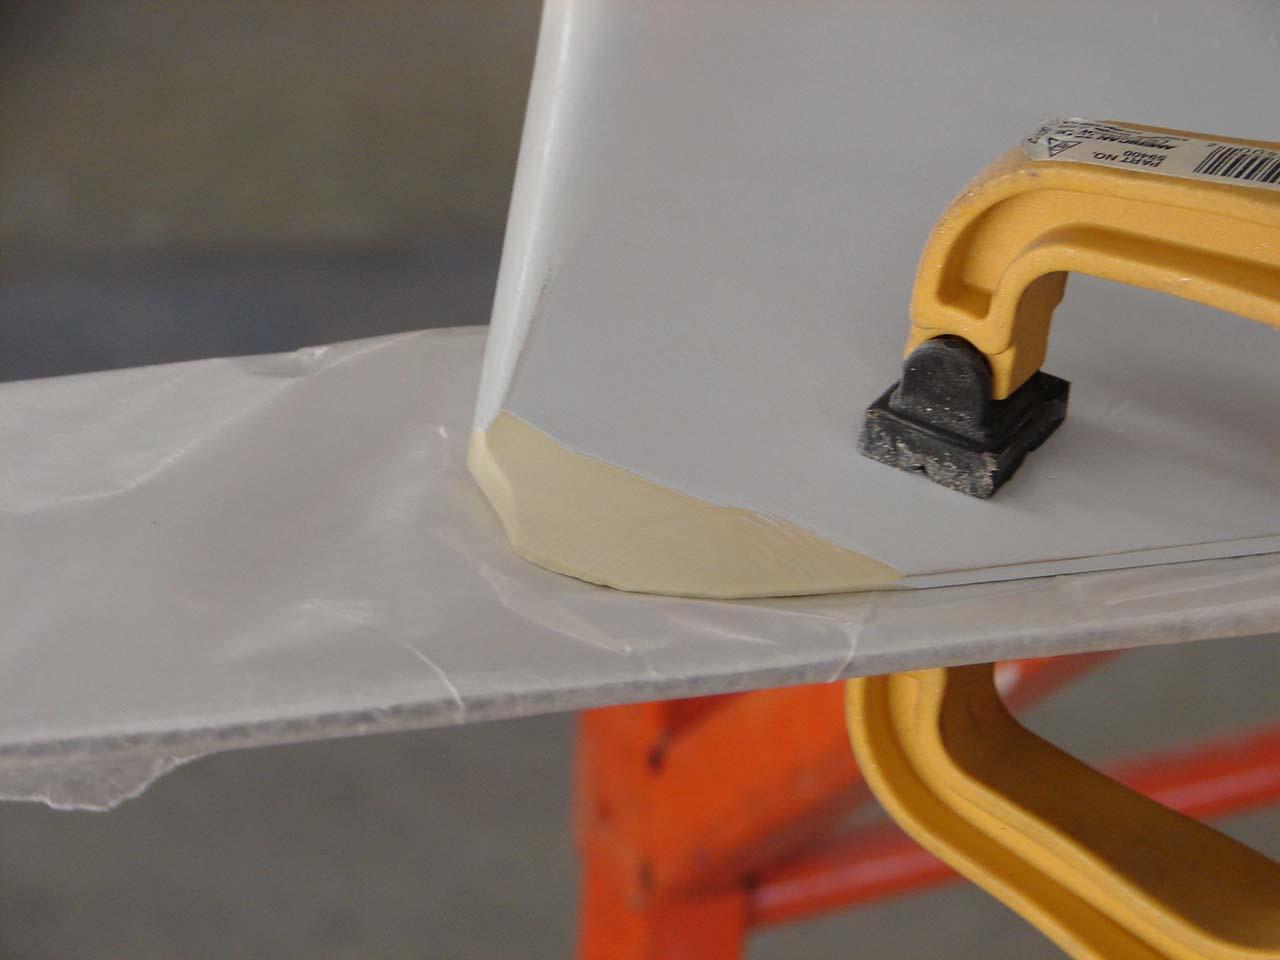 laser repair research paper